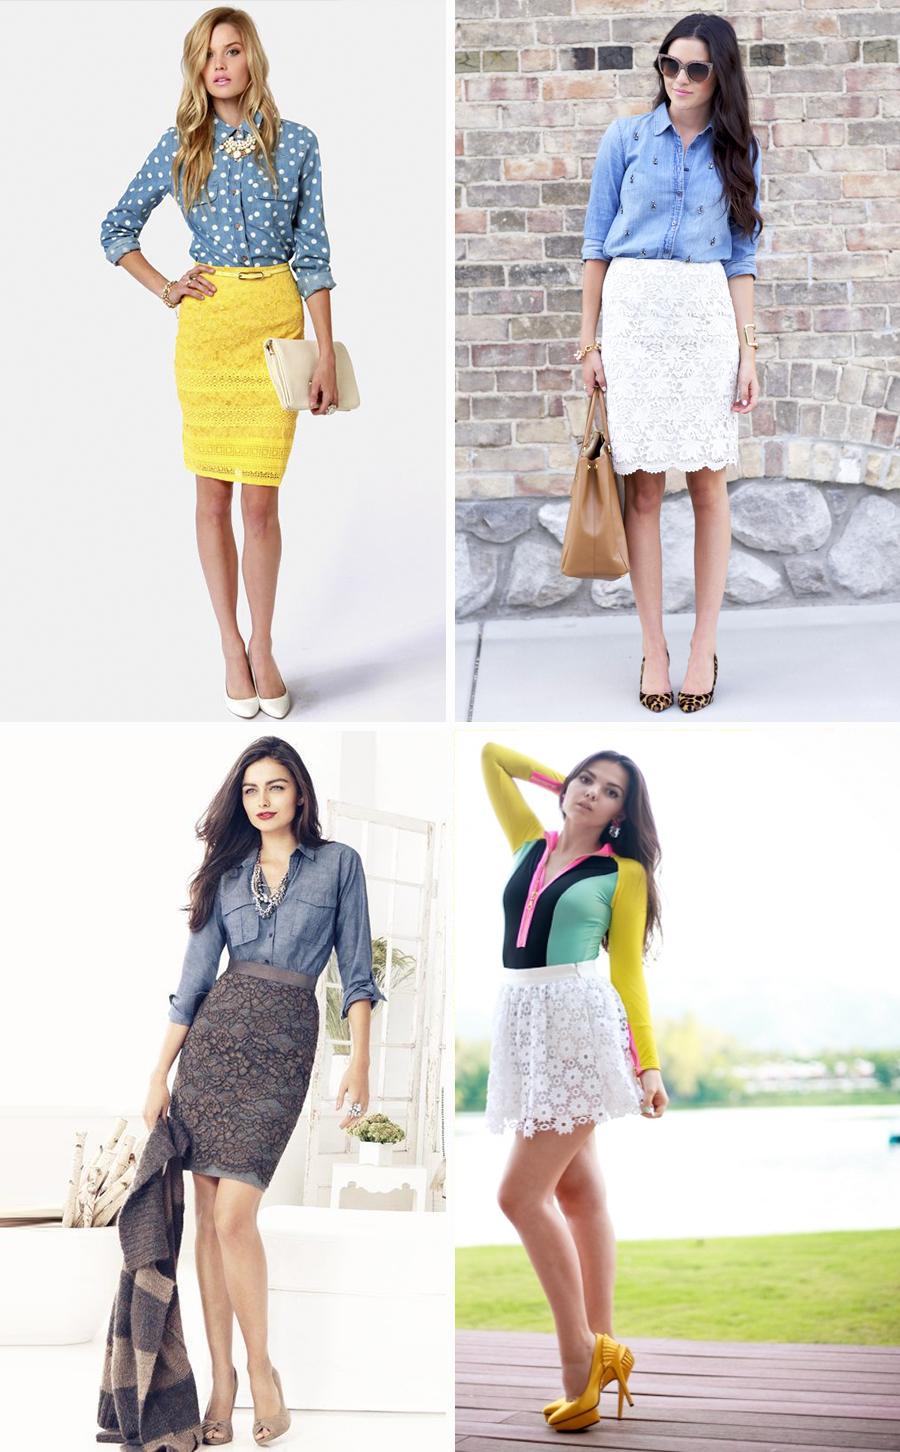 желтая, коричневая кружевная юбка, фото